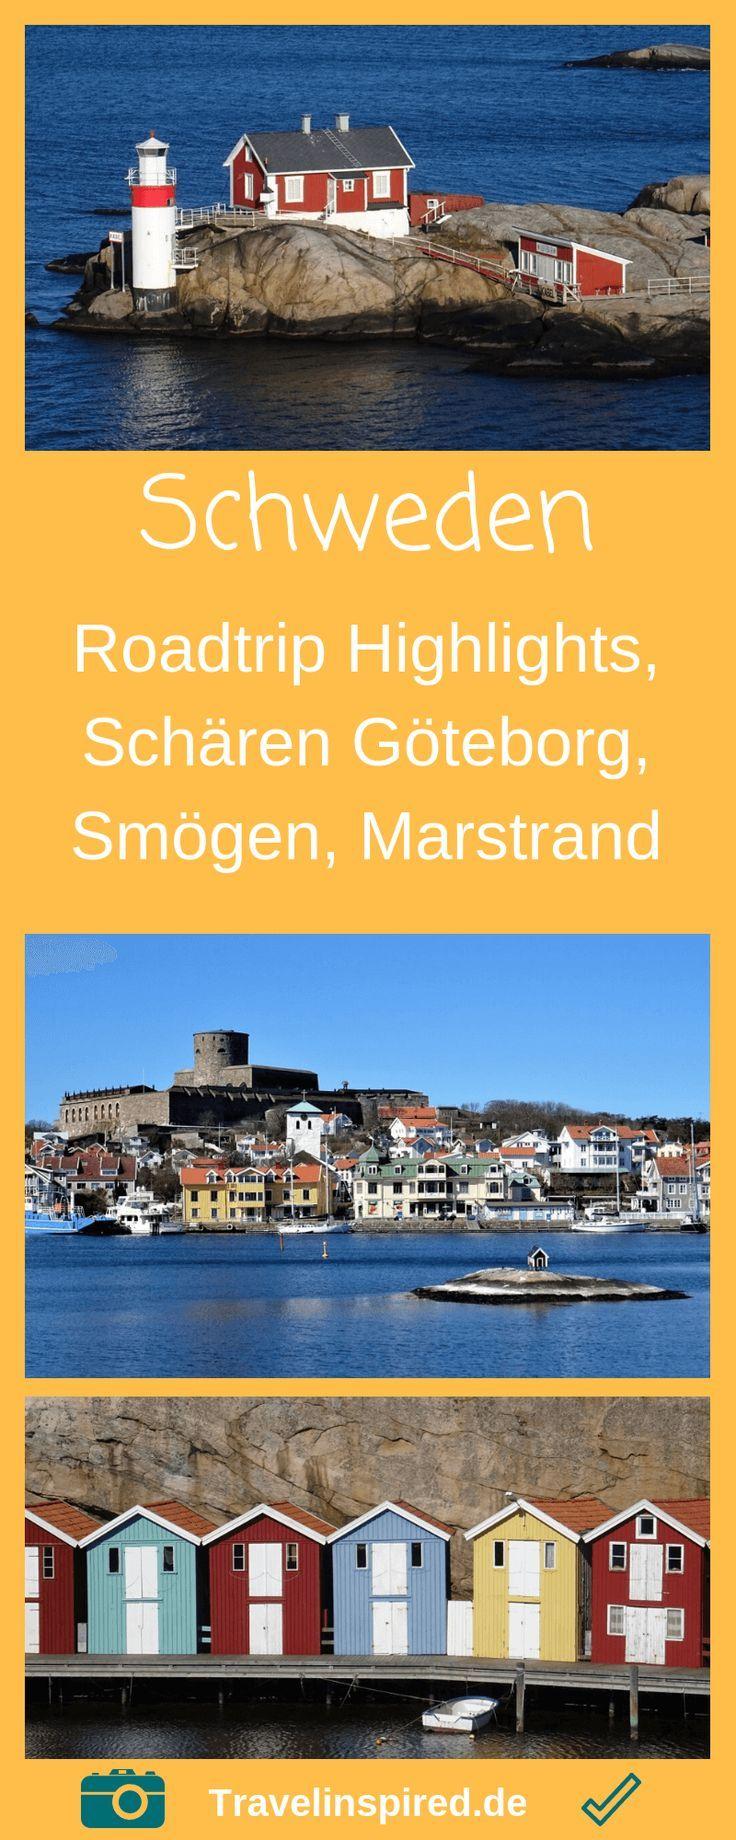 Schweden Roadtrip: Tipps & Highlights im Süden